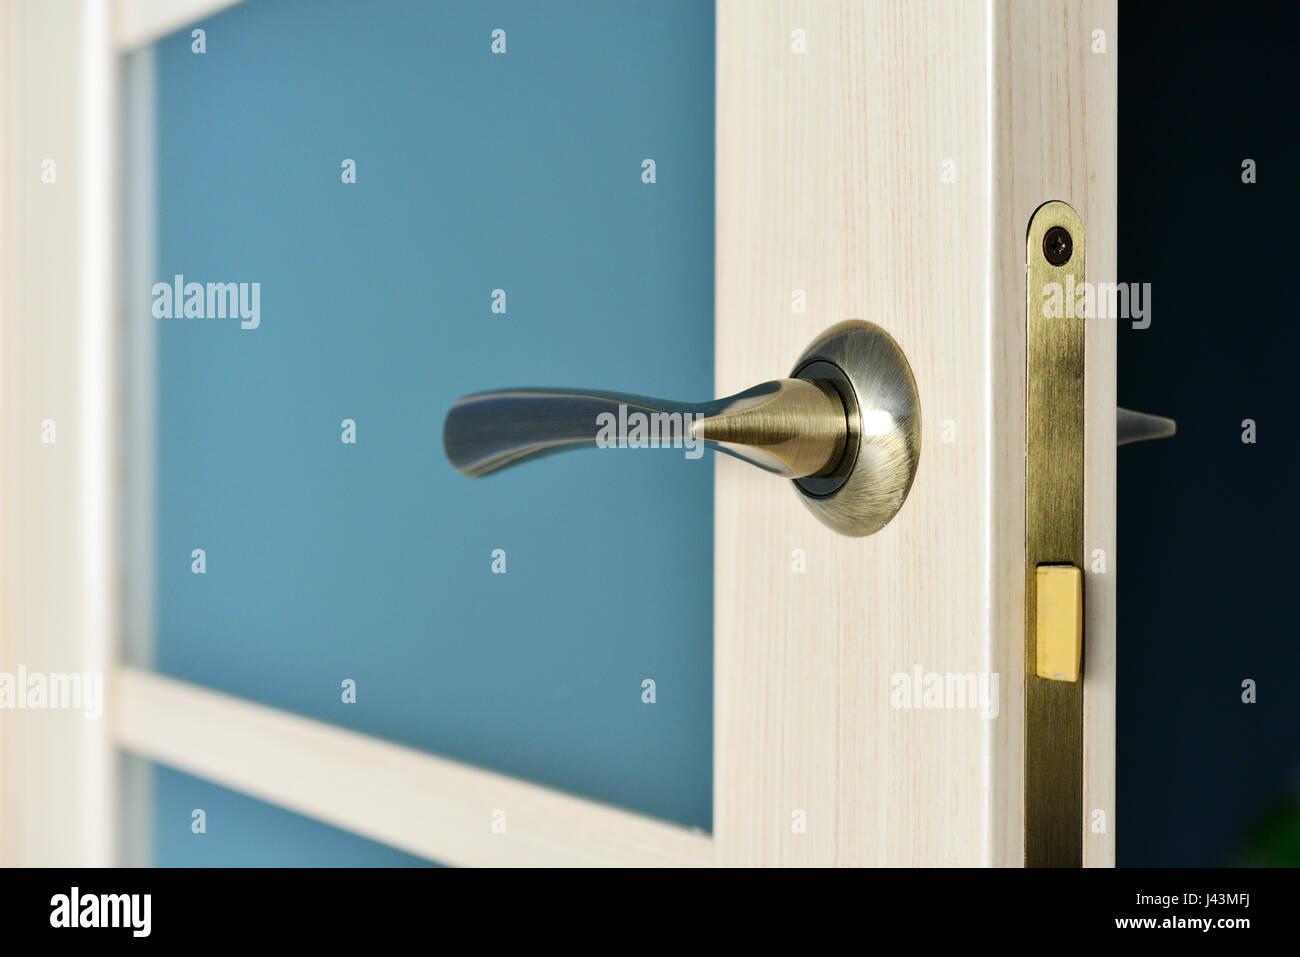 Modern style bronze door handle on natural wooden interior doors with glass - Stock Image